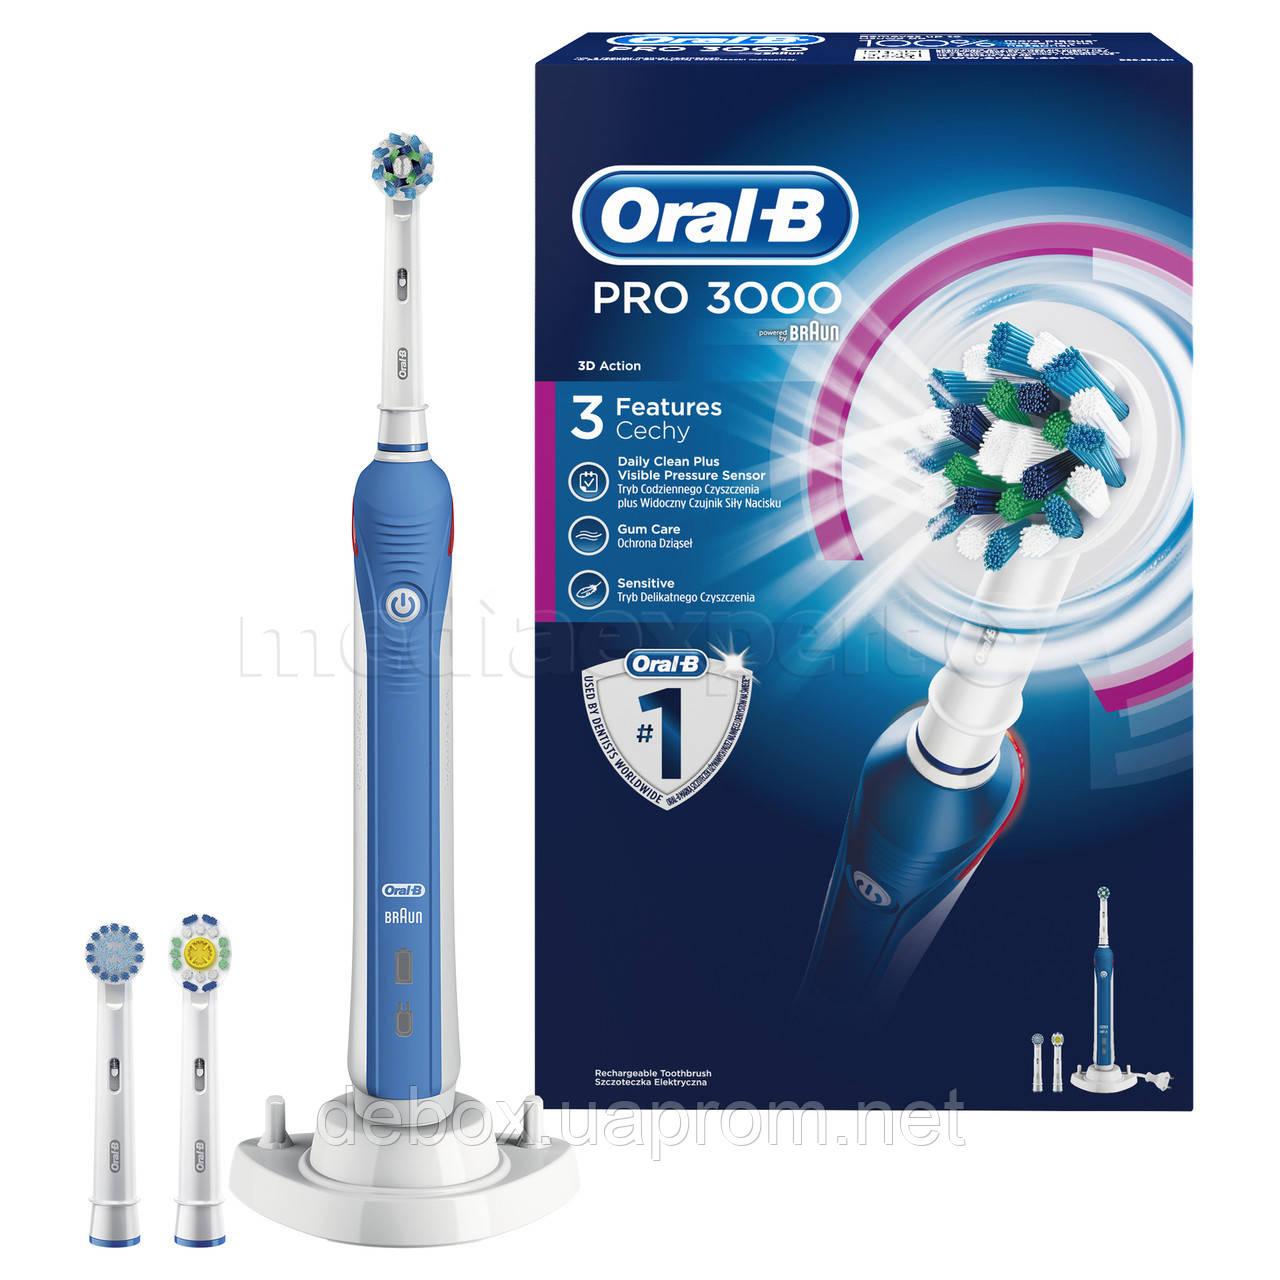 Электрическая зубная щетка Oral-B Professional Care 3000 - купить по ... 4780031471e66